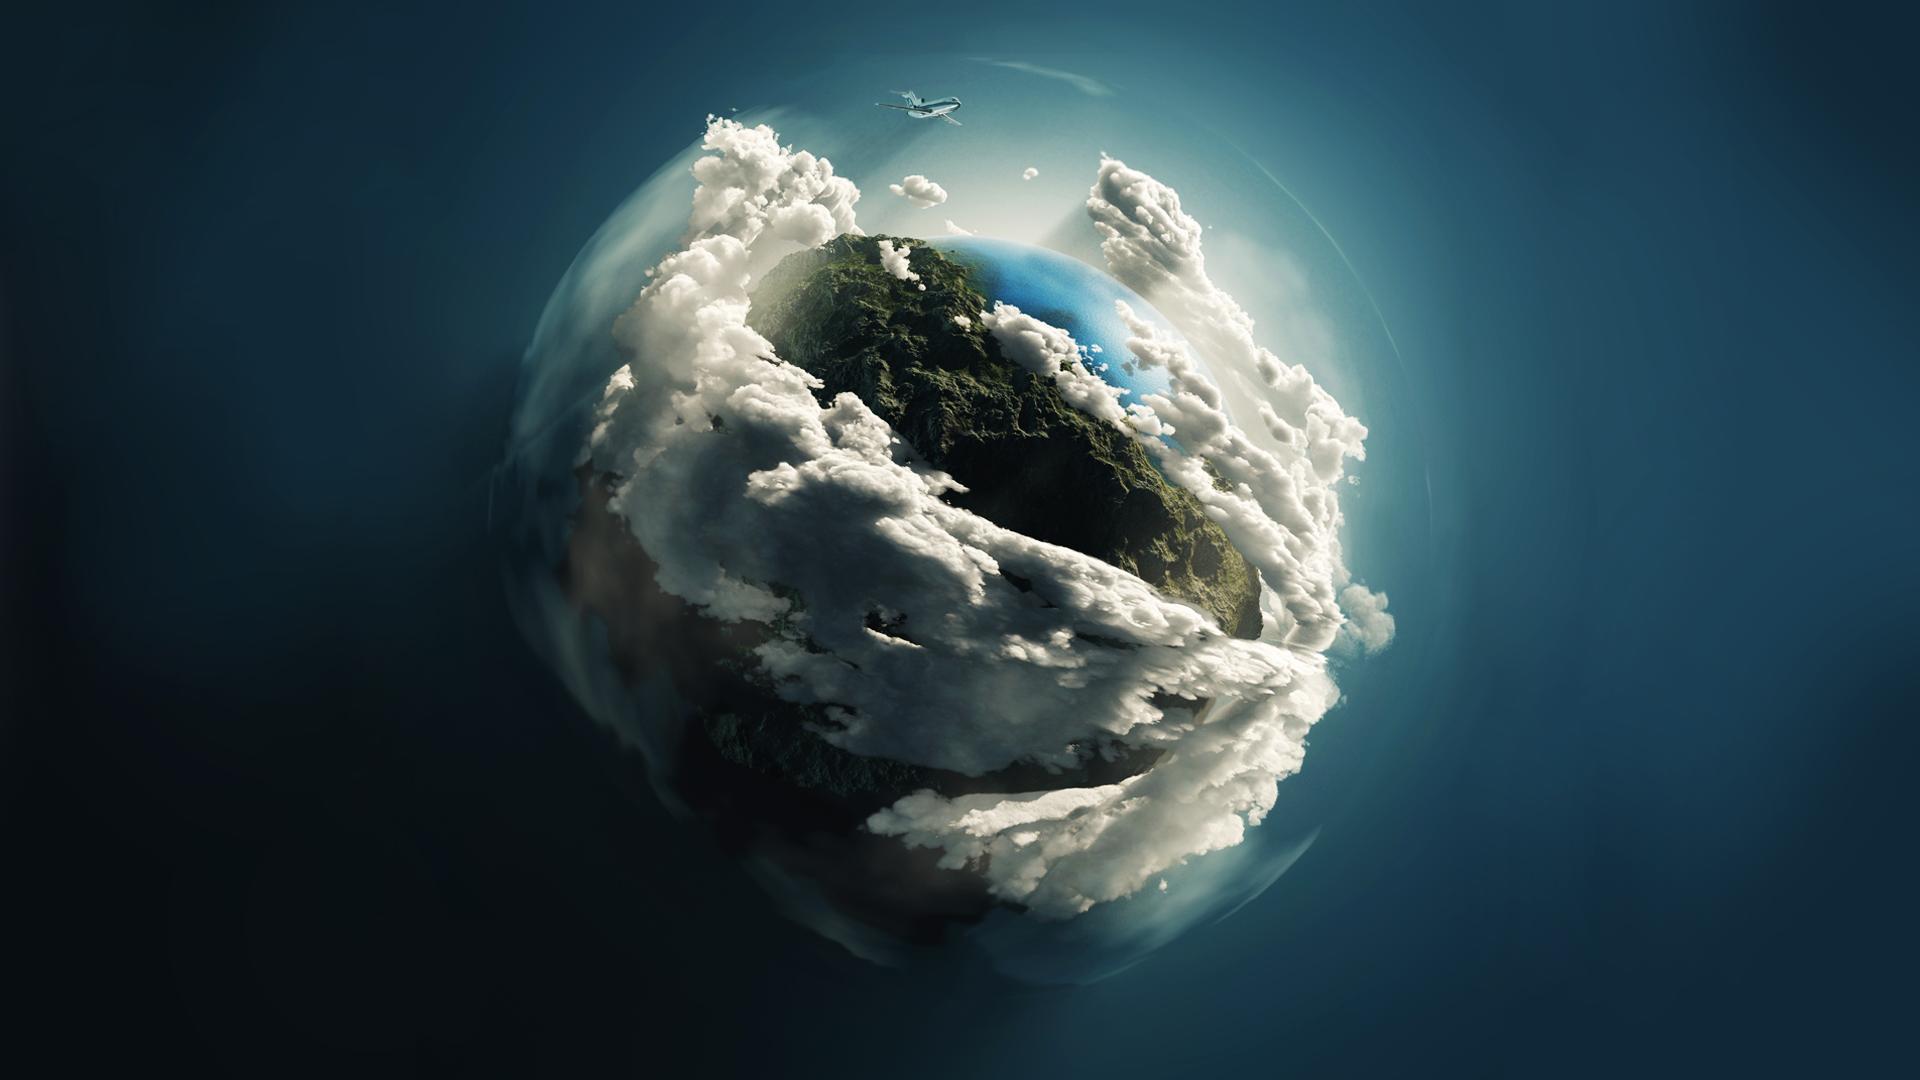 Earth Tierra Wallpaper Hd By Krysis08 Nerd Earth Planets